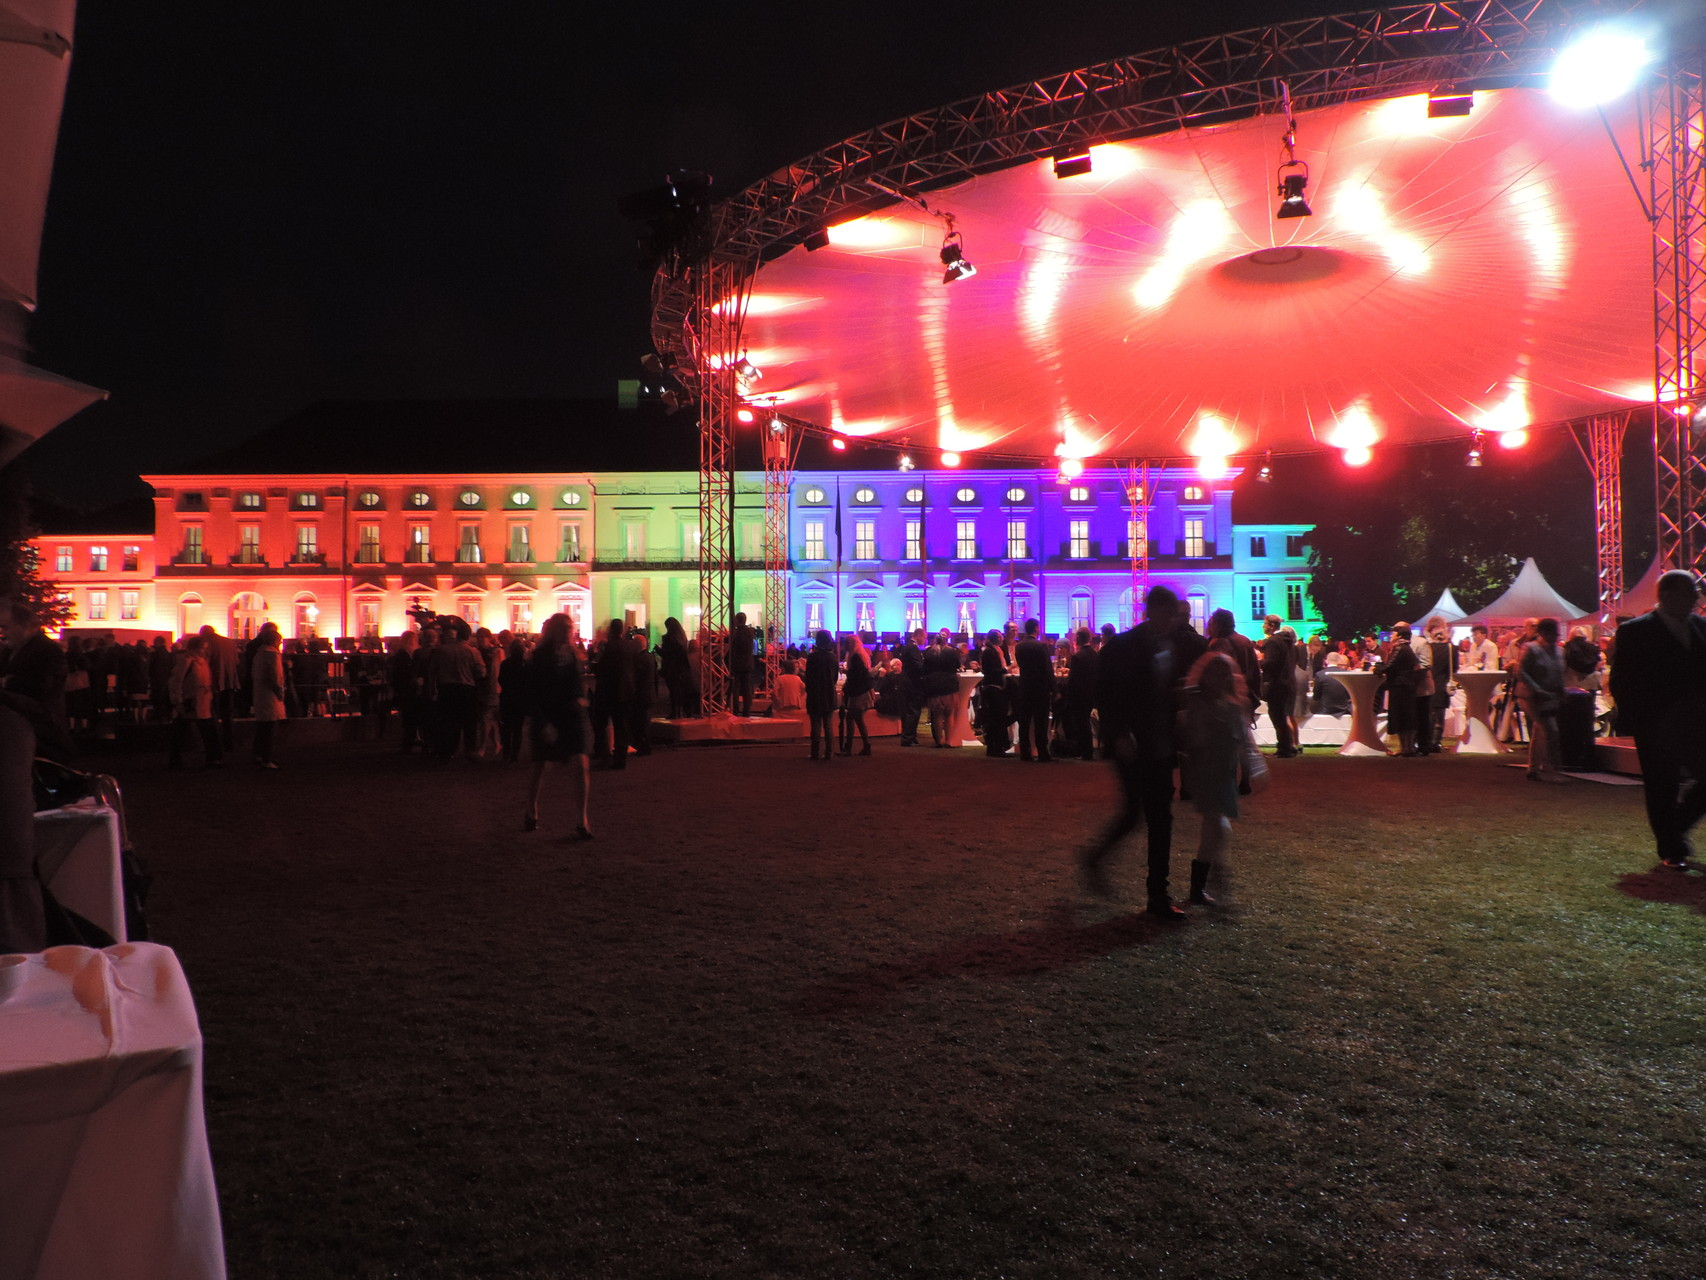 Schloss Bellevue bei Nacht mit wechselnder Beleuchtung - sehr hübsch anzusehen ;)